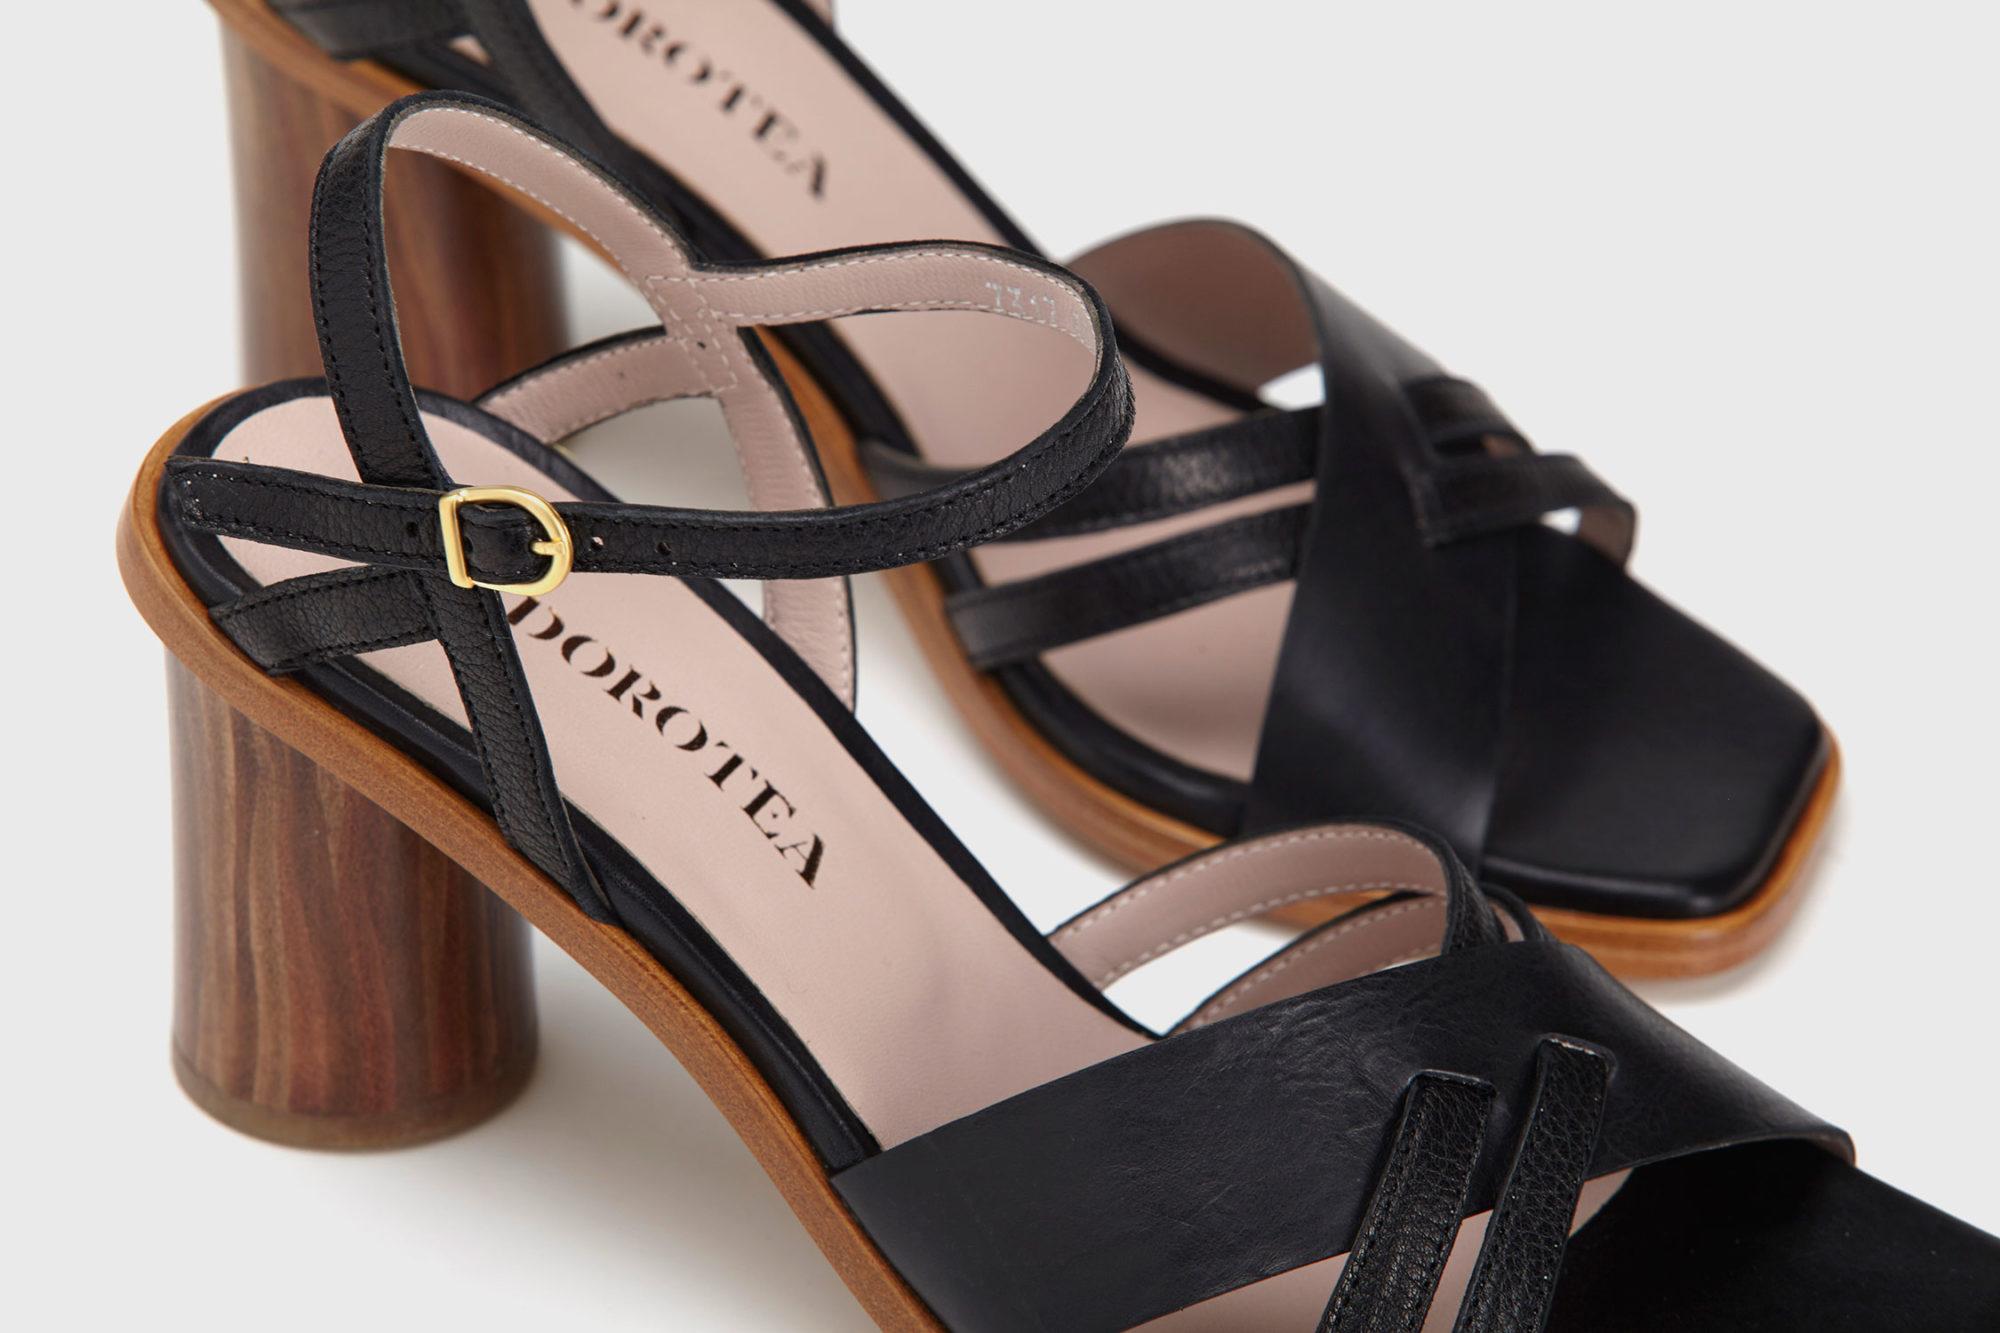 Dorotea sandalia de tacón alto Sophie ss17 detalle